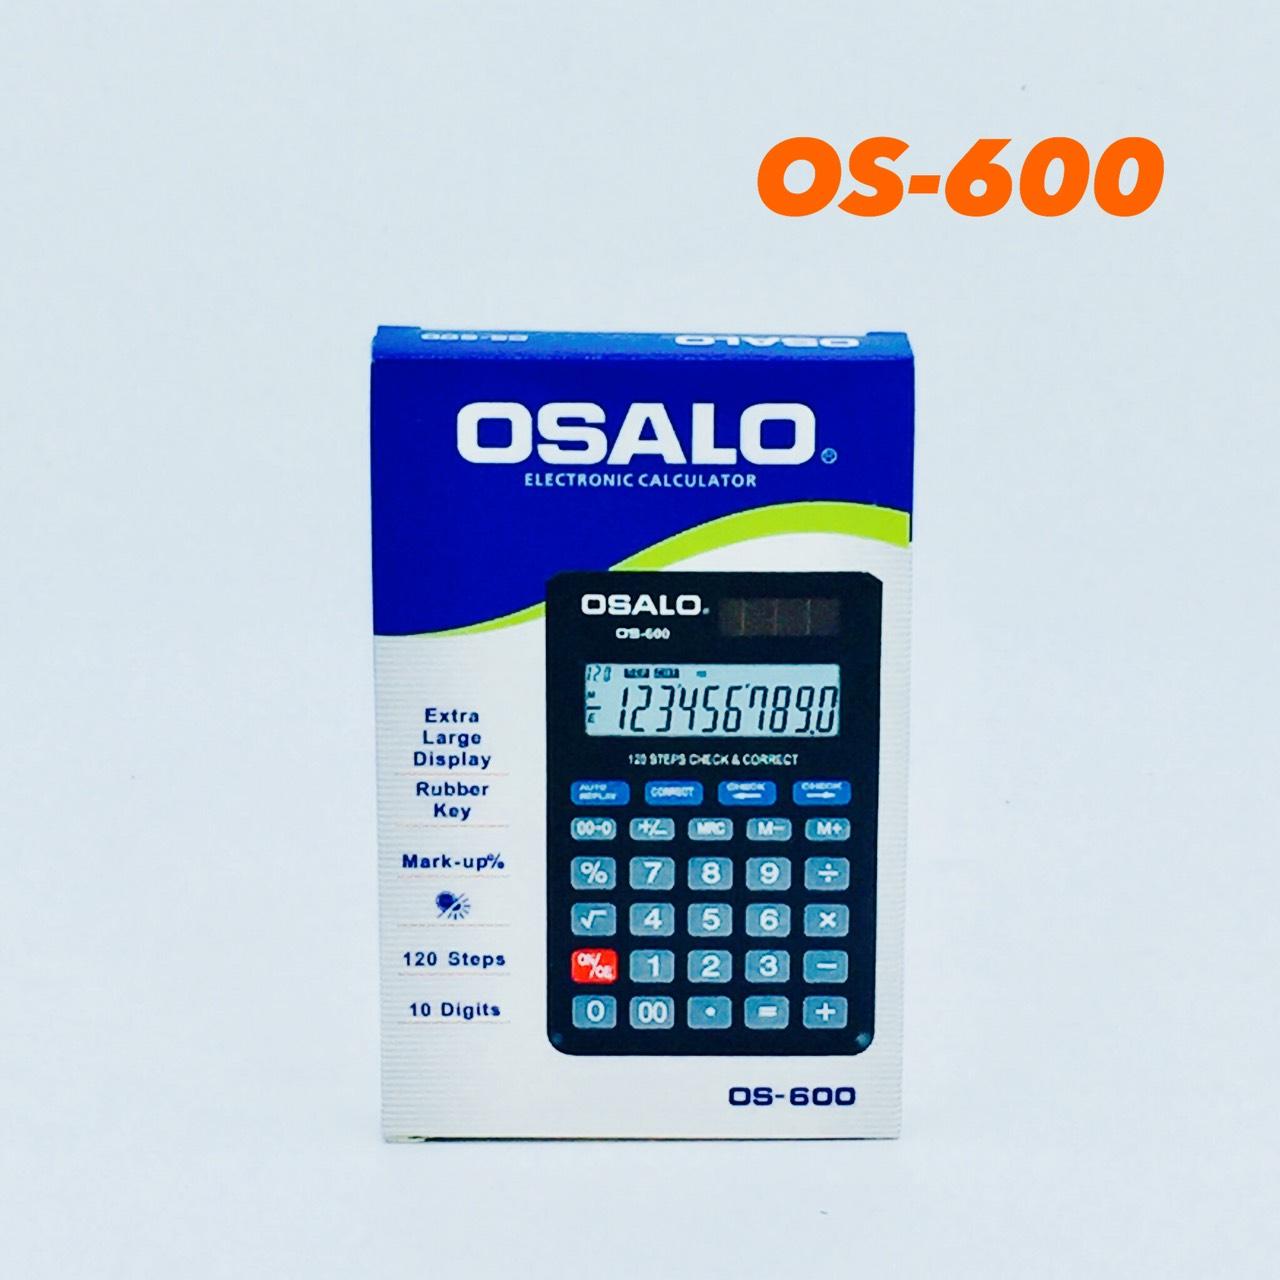 เครื่องคิดเลขจีน osalo รุ่น OS-600